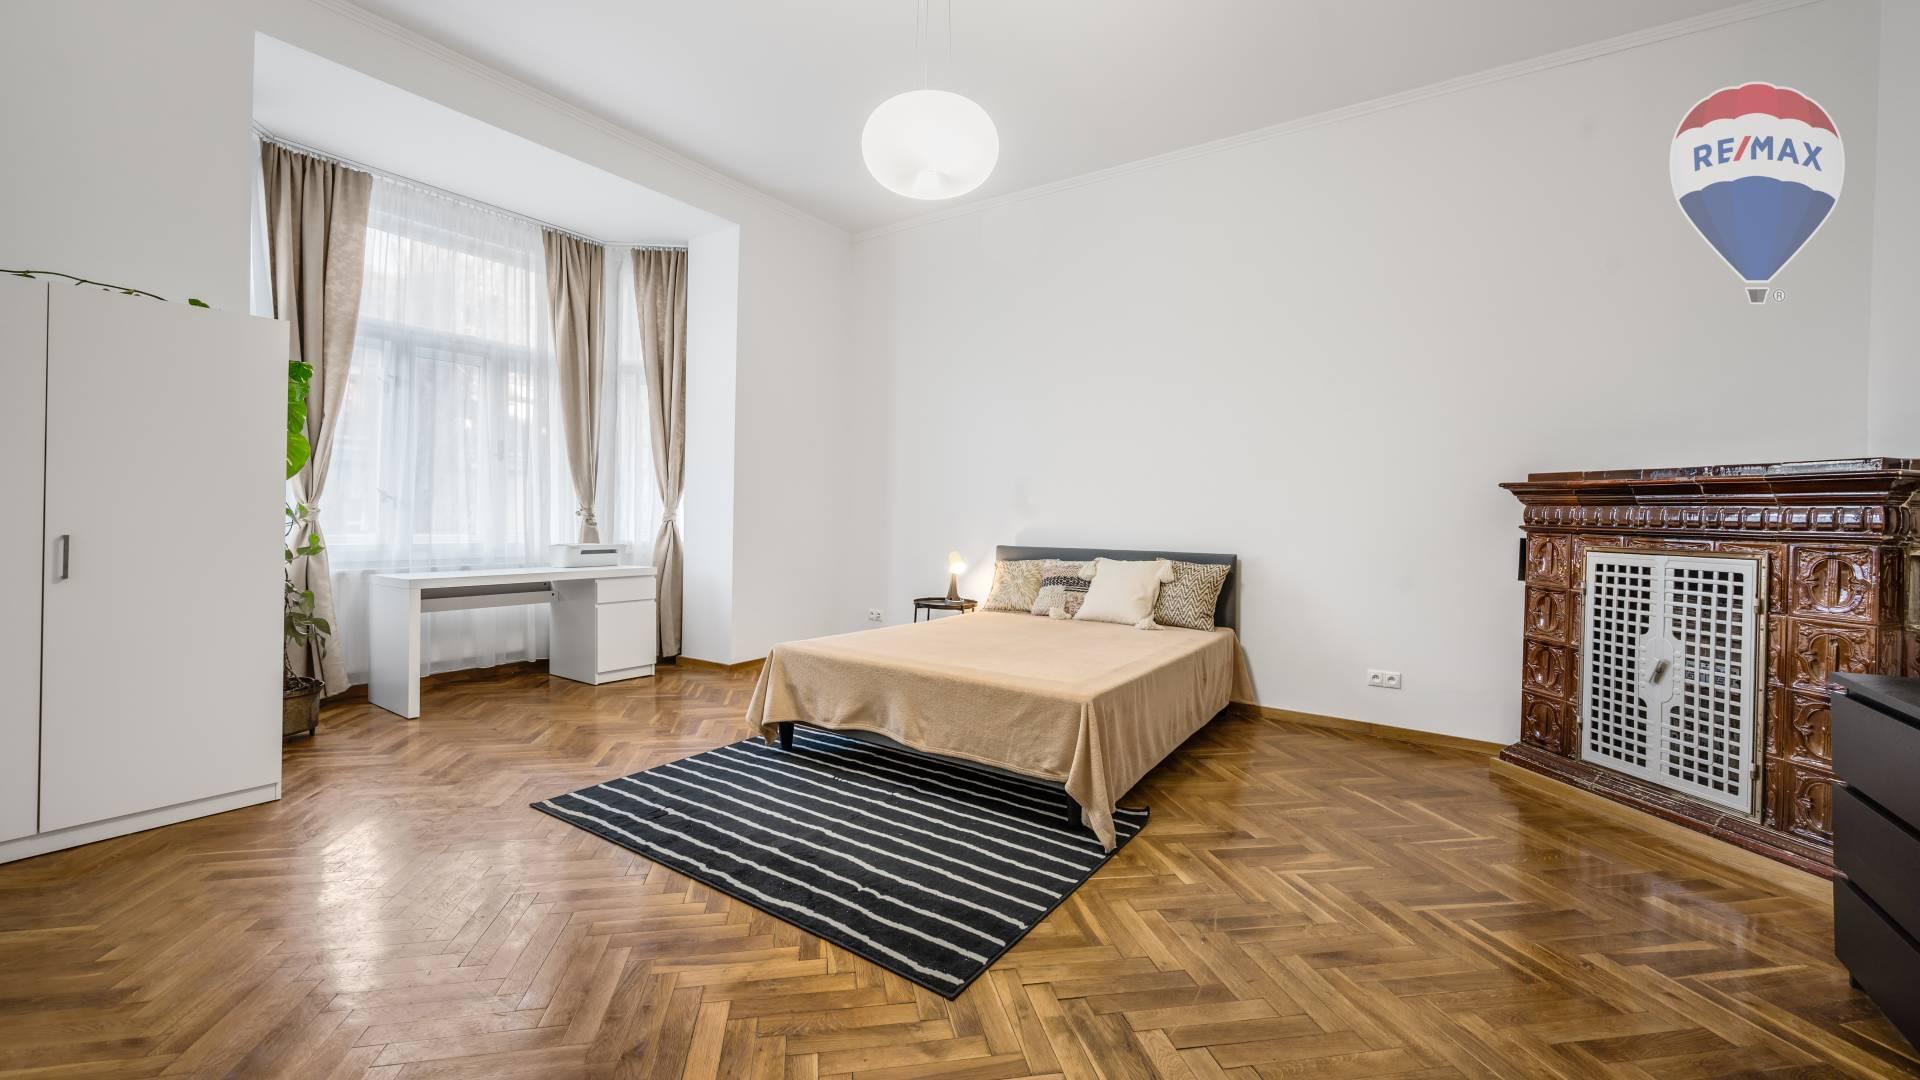 NA PRENÁJOM: Impozantný 3 izbový byt, Dobrovičova ul. Staré Mesto BA